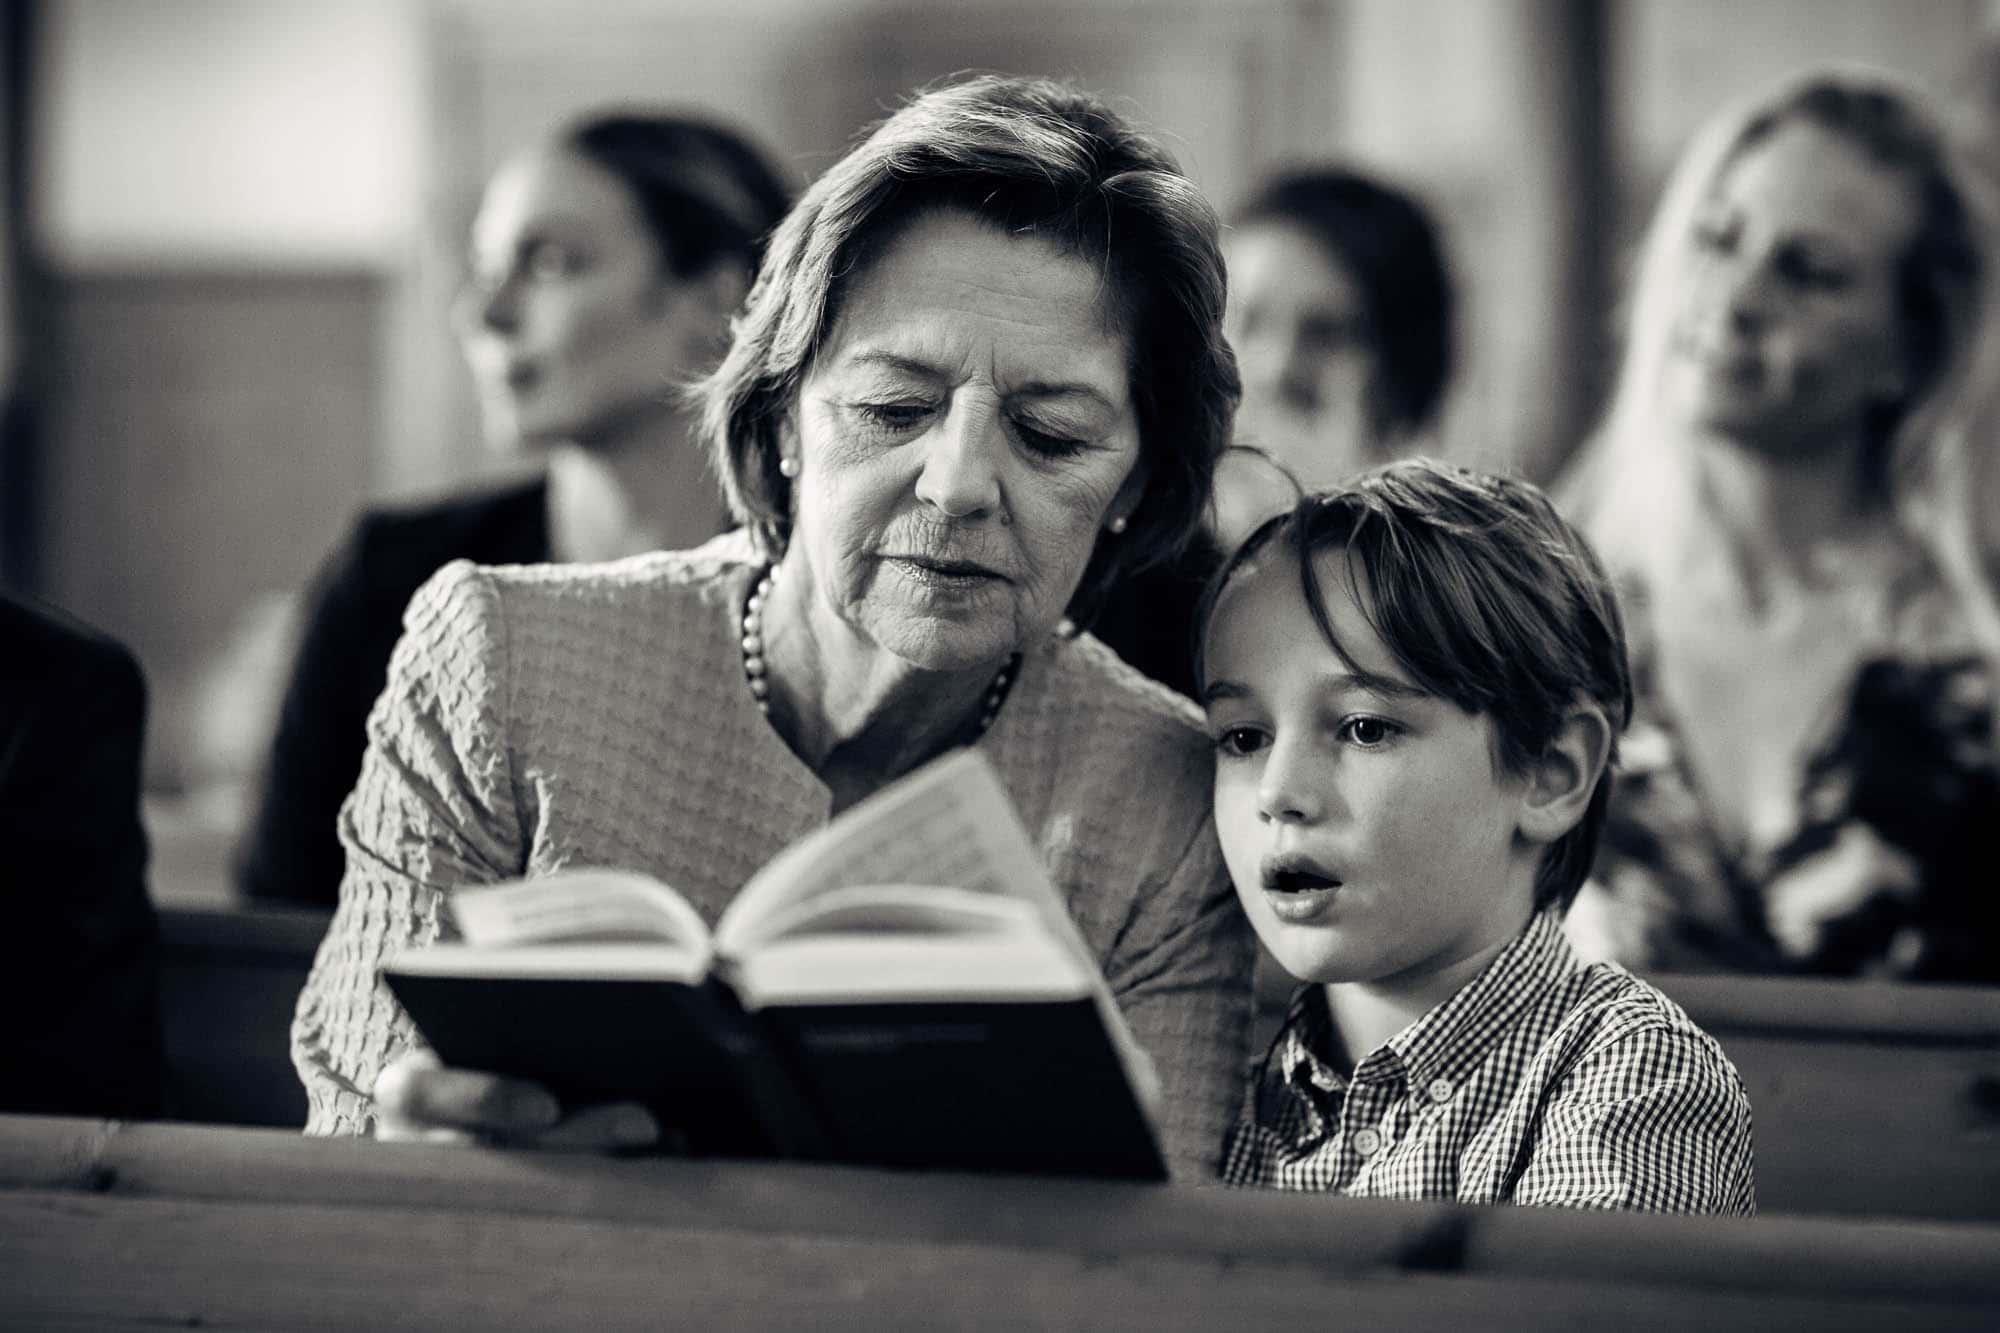 Zwei Gäste sehen in Gesangsbuch und staunen